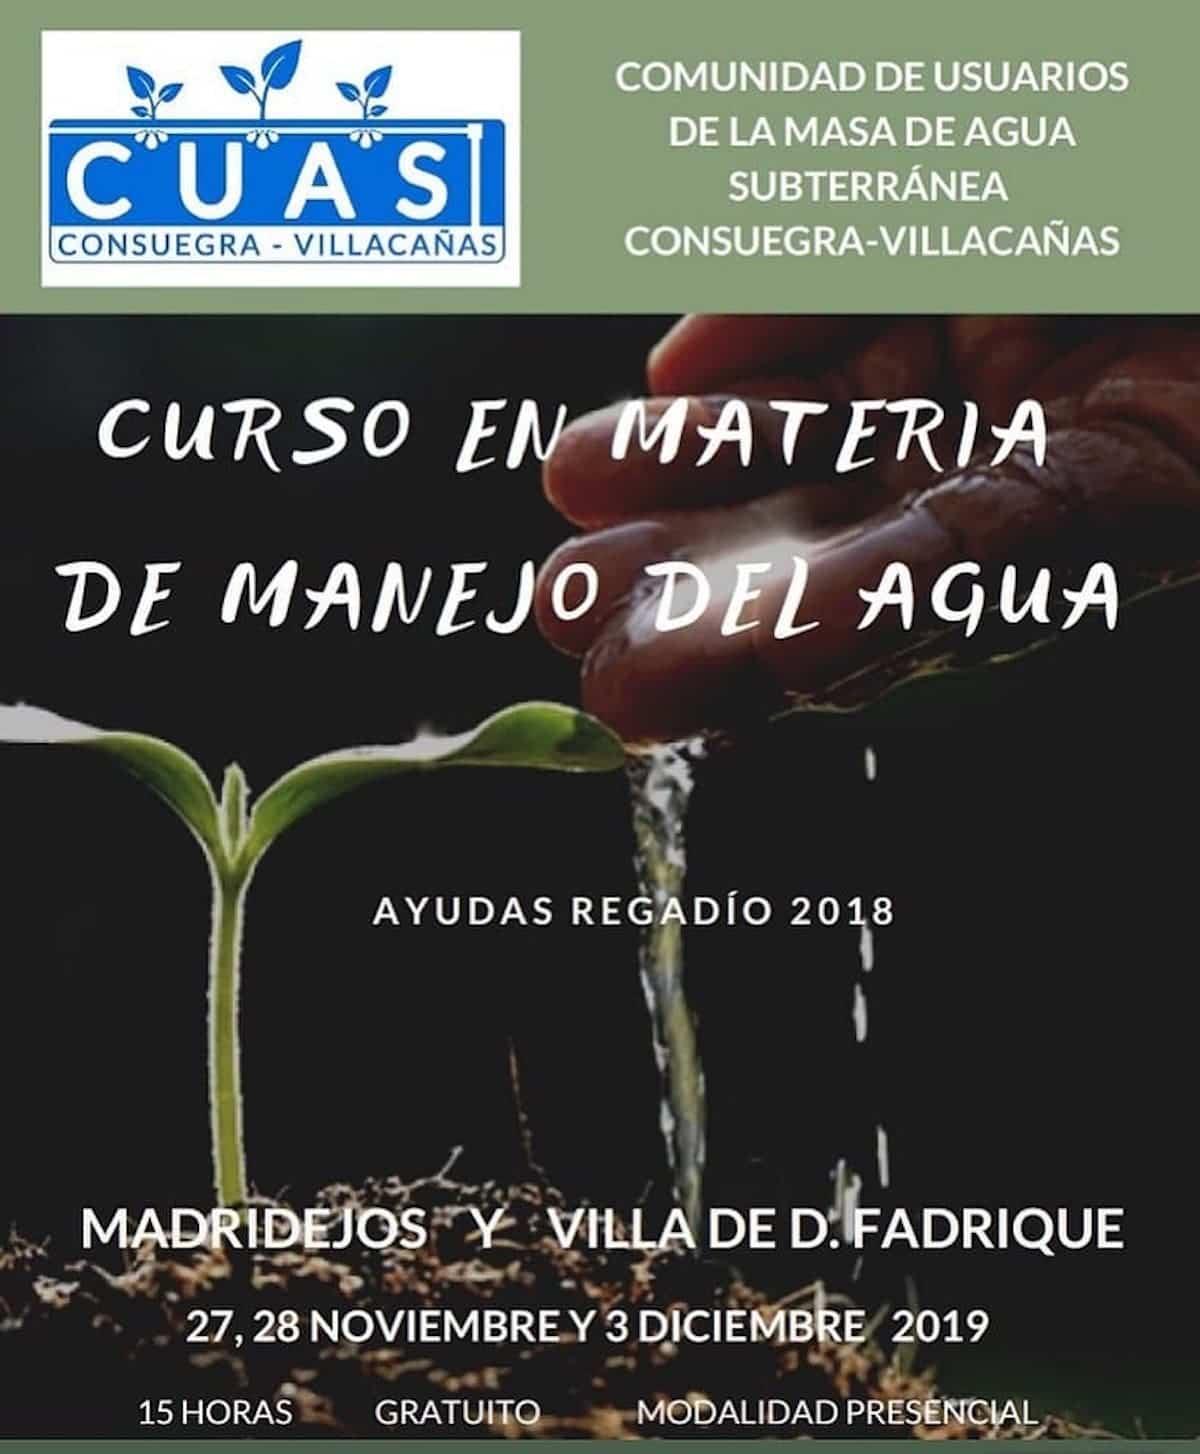 Curso en Materia de Manejo del Agua - CUAS organiza un curso en Materia de Manejo del Agua